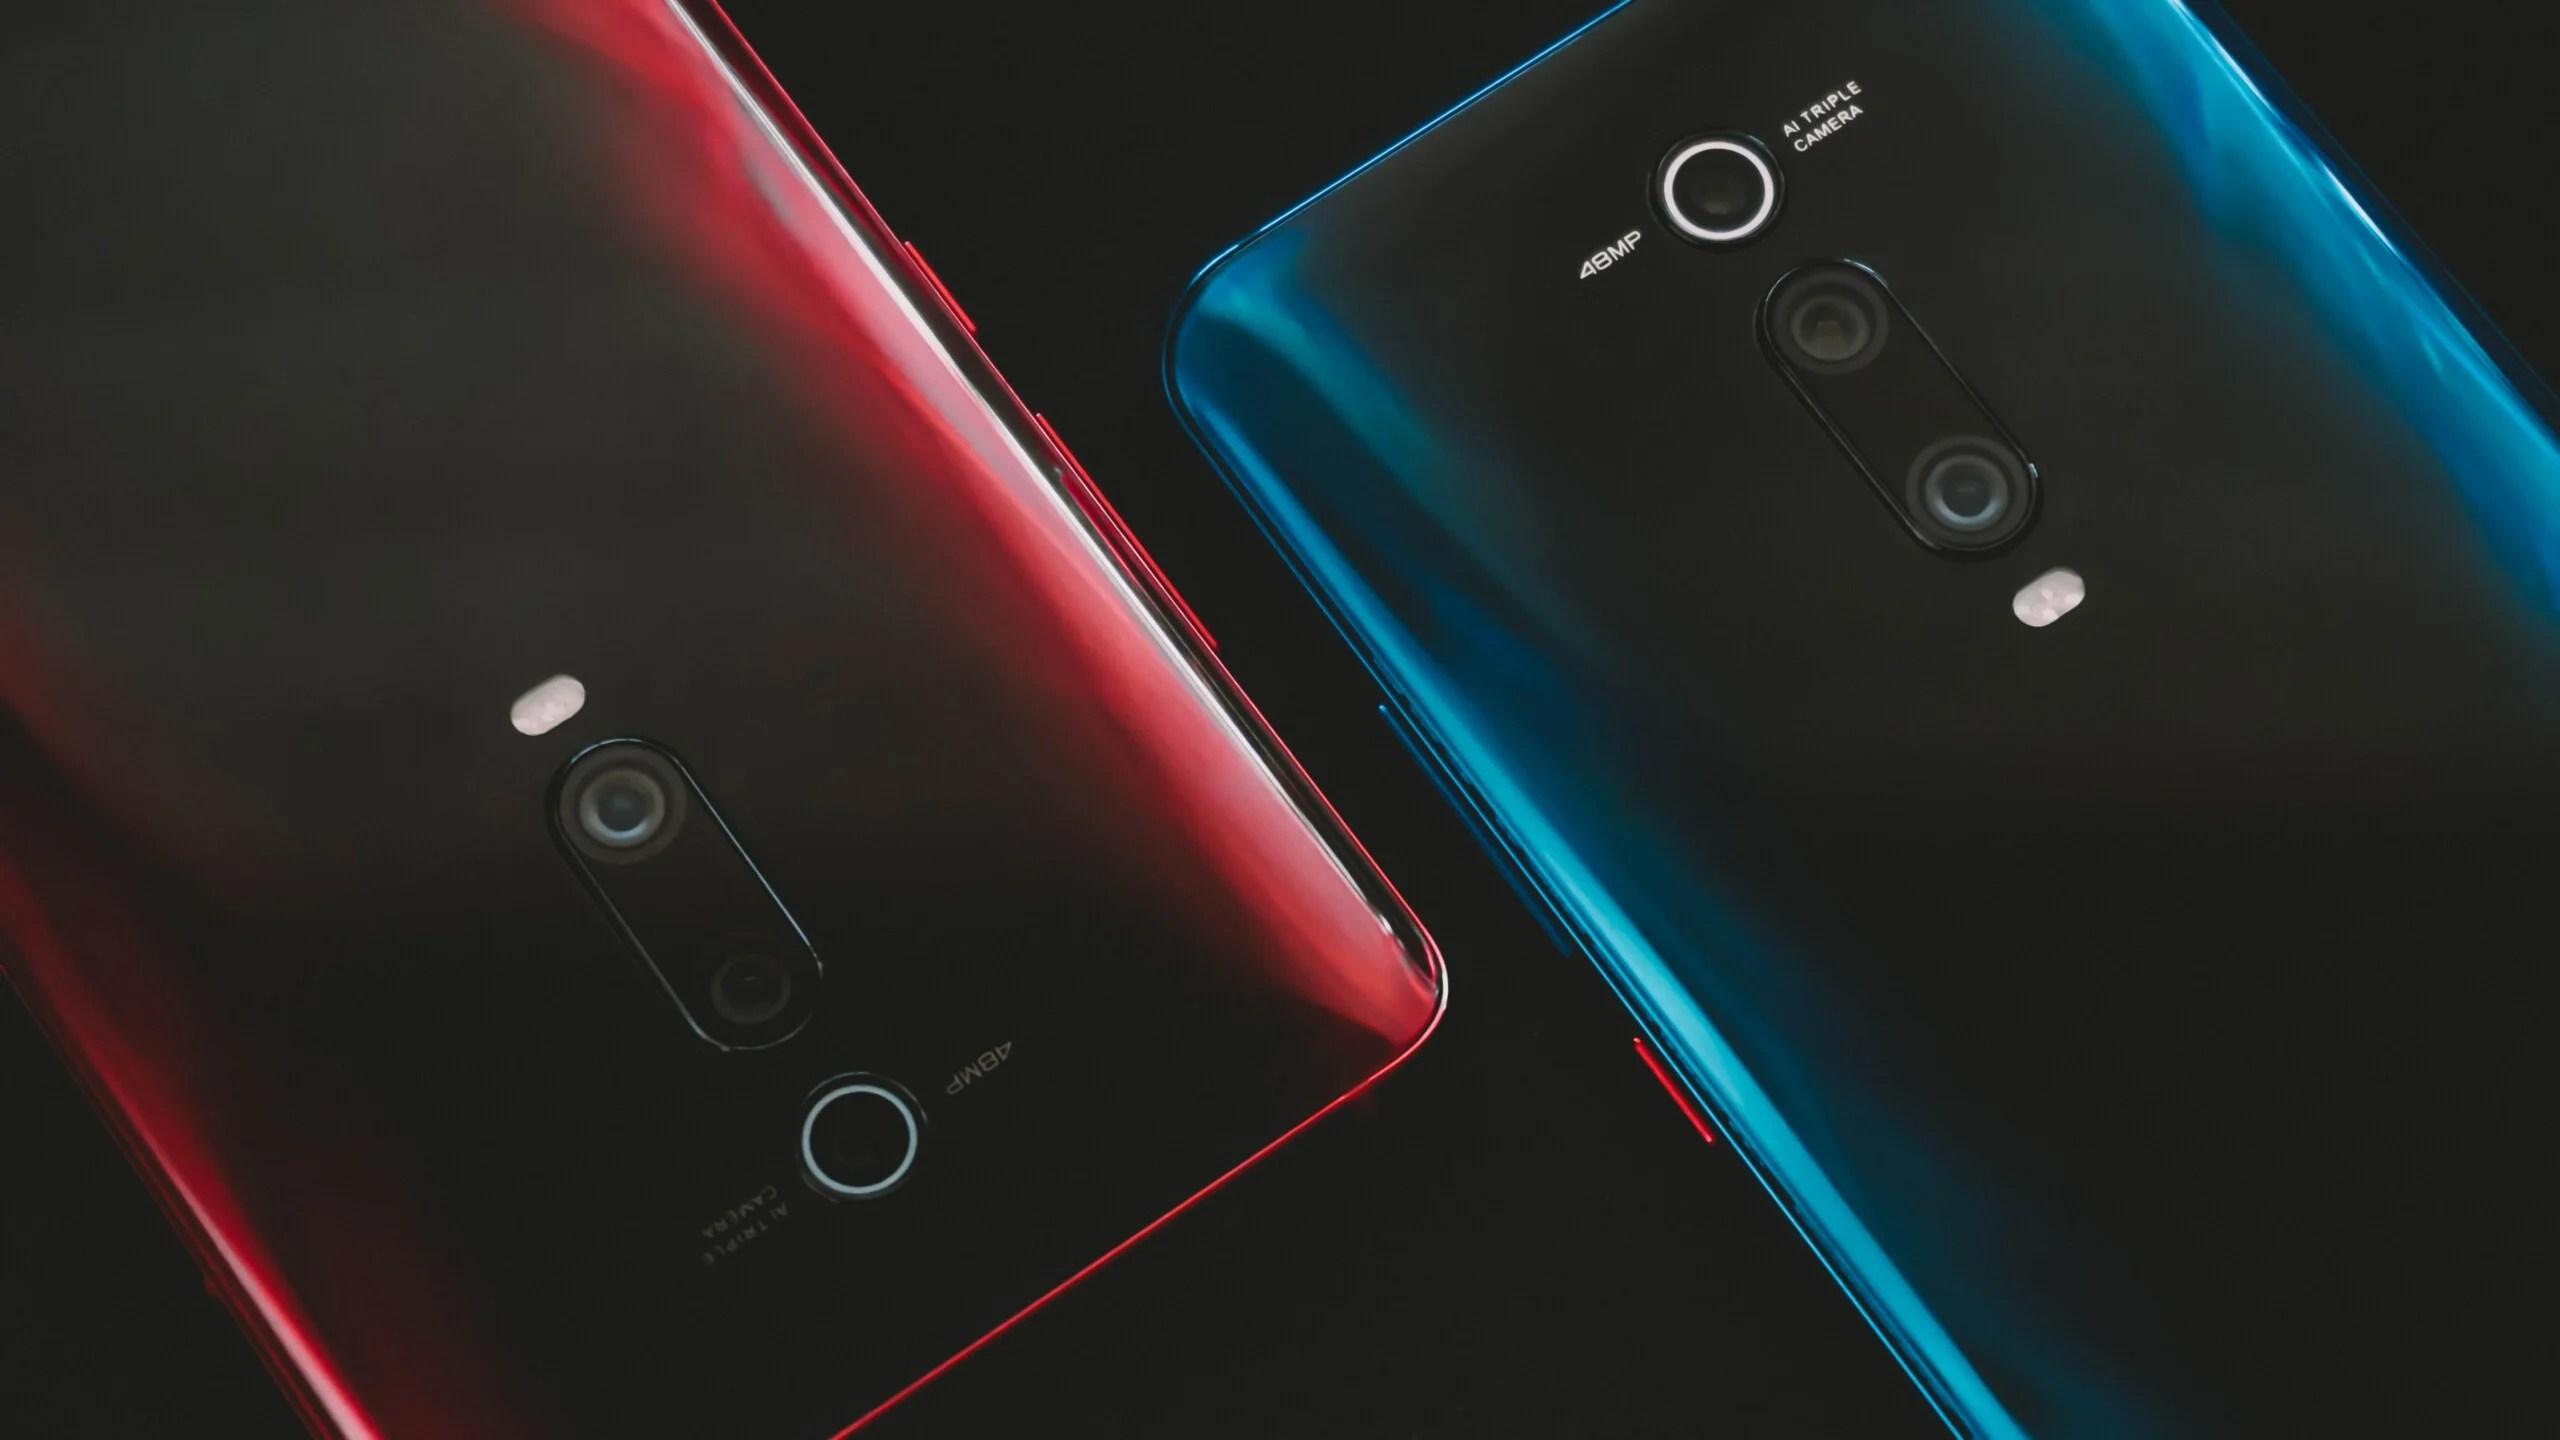 Xiaomi sur liste noire, Philips Hue, et Samsung Pay sur les Galaxy S21 – Tech'spresso